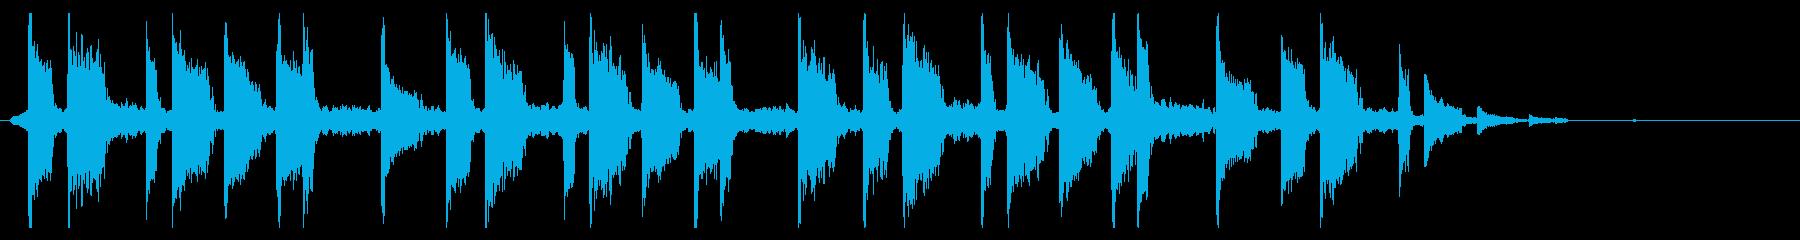 優雅なバイオリンとアコギの30秒の再生済みの波形